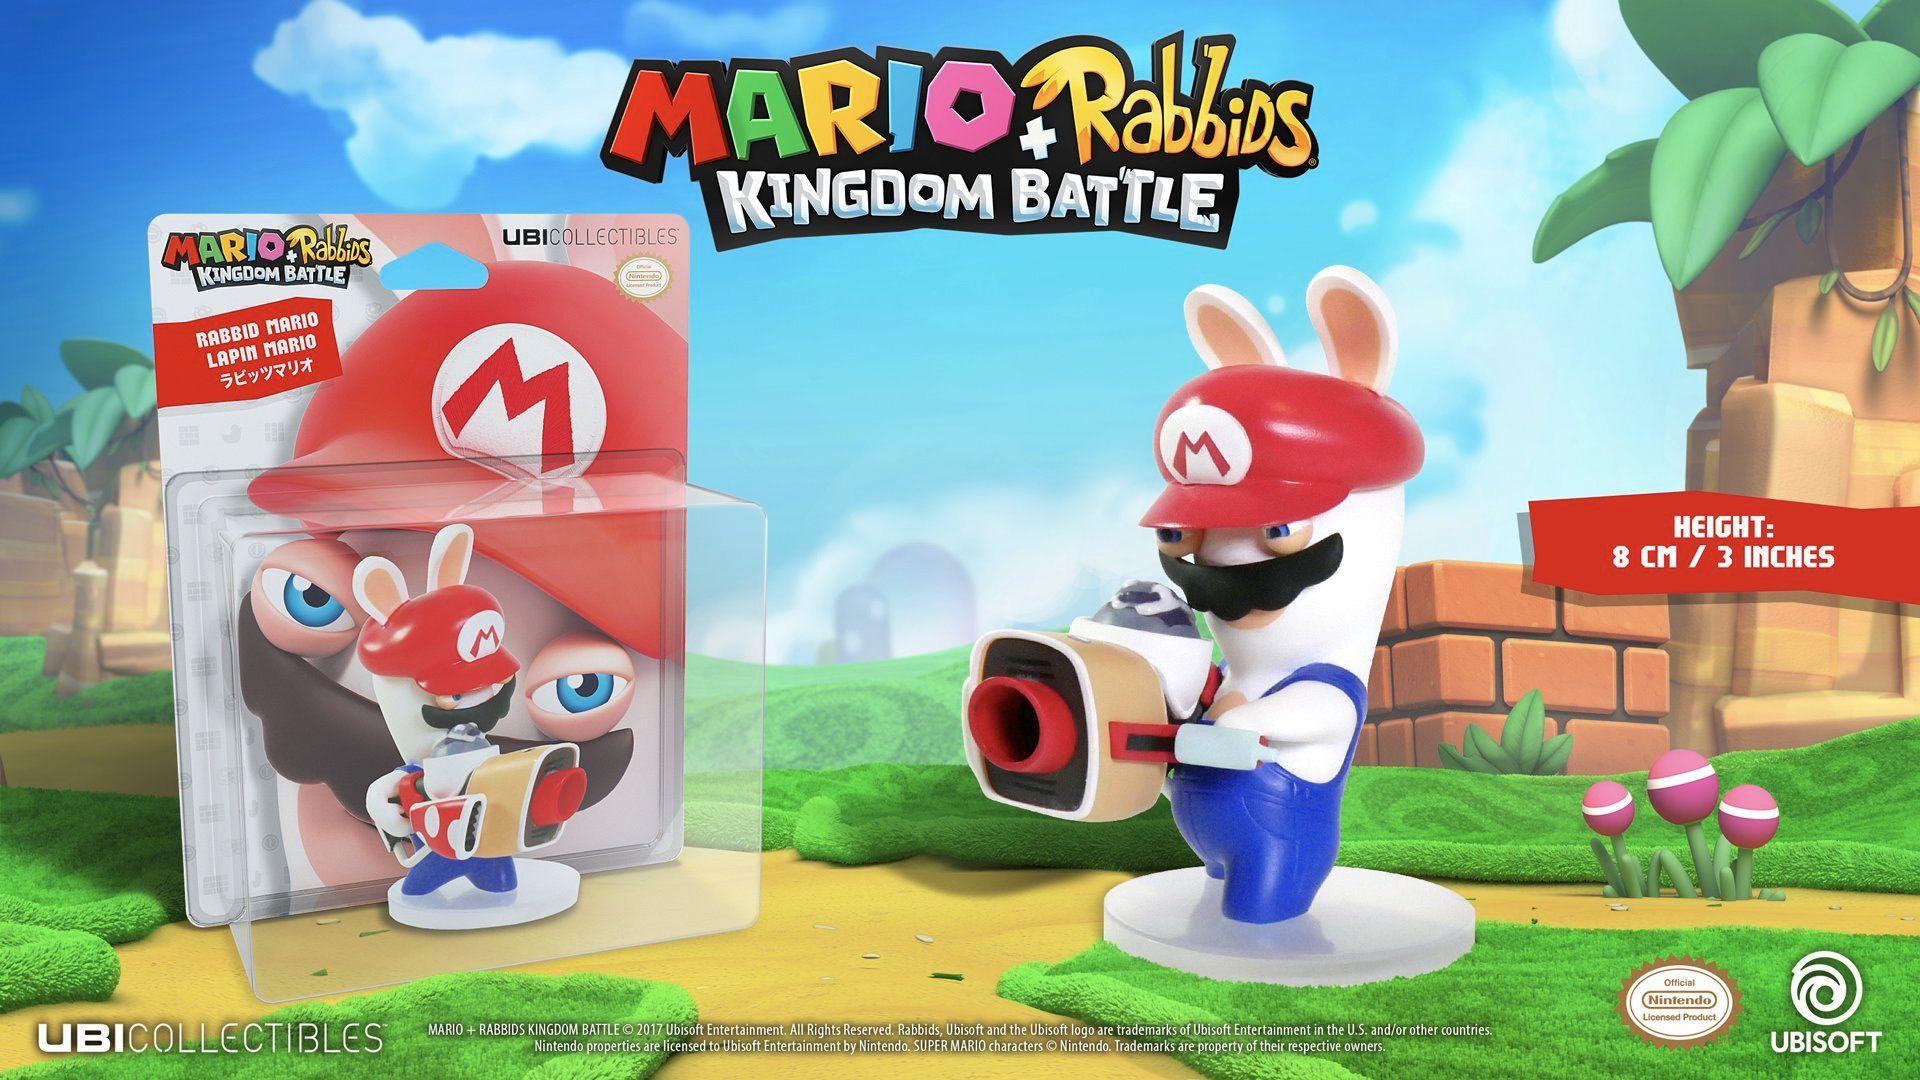 Mario + Rabbids Kingdom Battle: Rabbid Mario 3''